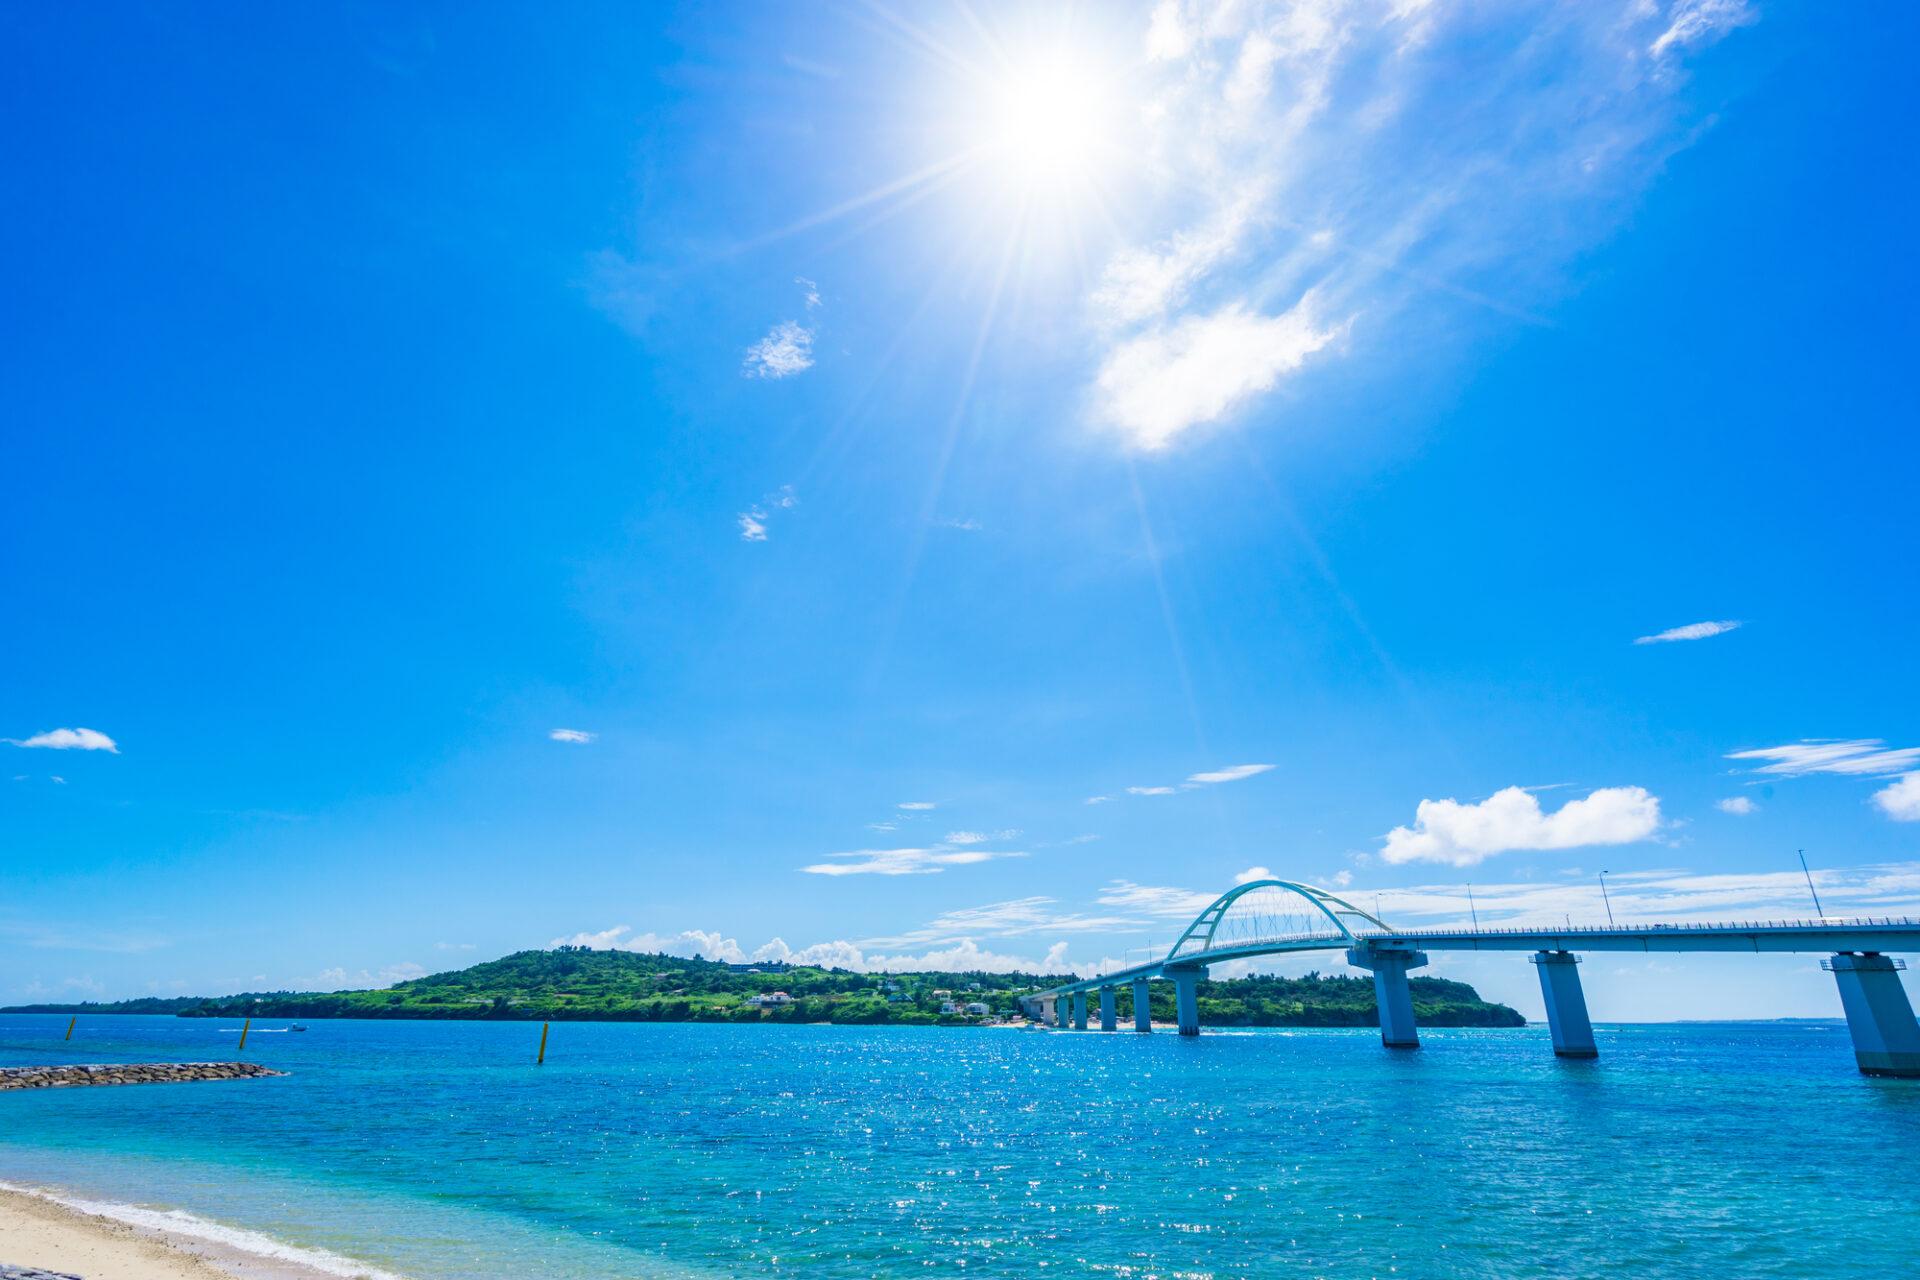 橋と海と砂浜